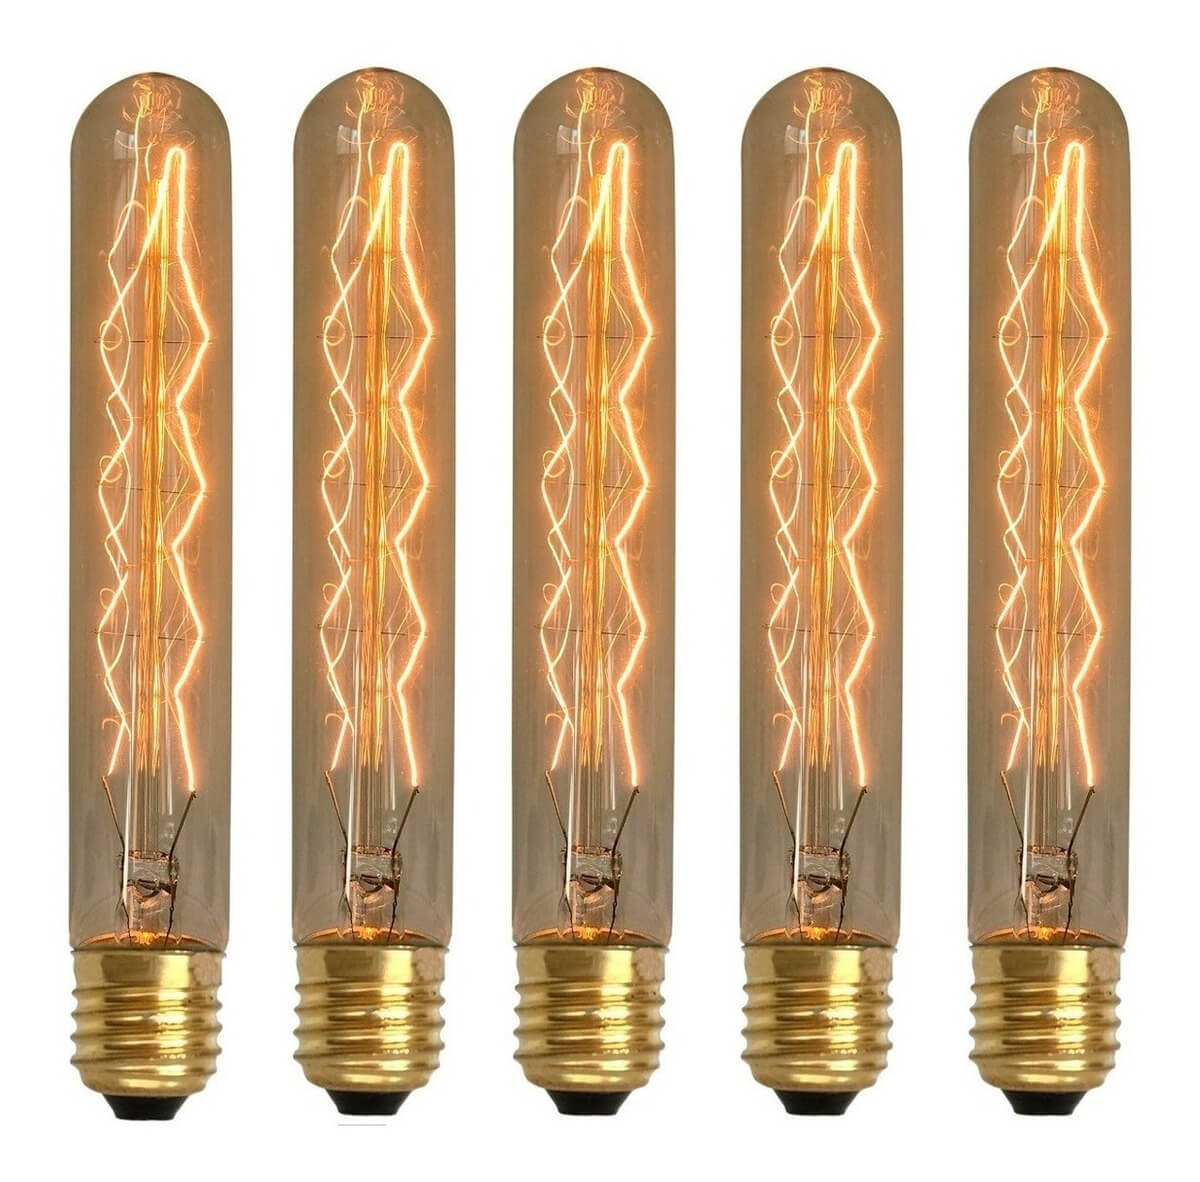 5 Lâmpadas Retrô Decorativa Vintage Thomas Edison T185